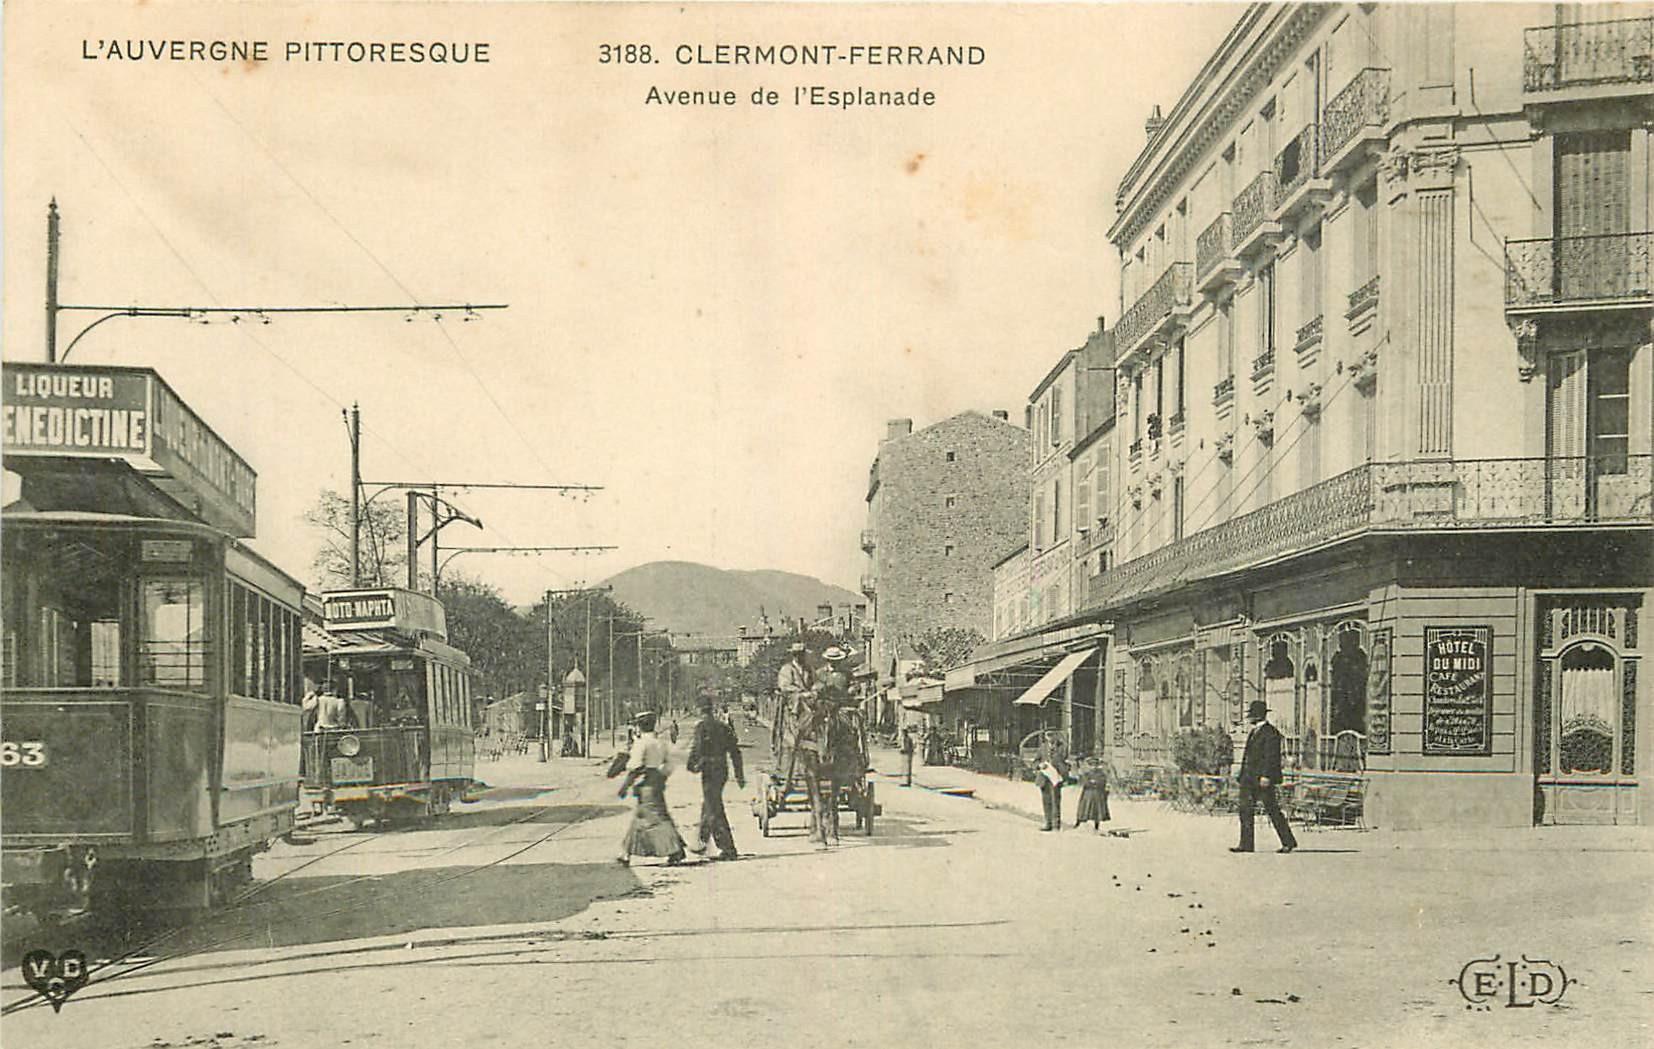 WW 63 CLERMONT-FERRAND. Tramways devant Hôtel du Midi Avenue de l'Esplanade